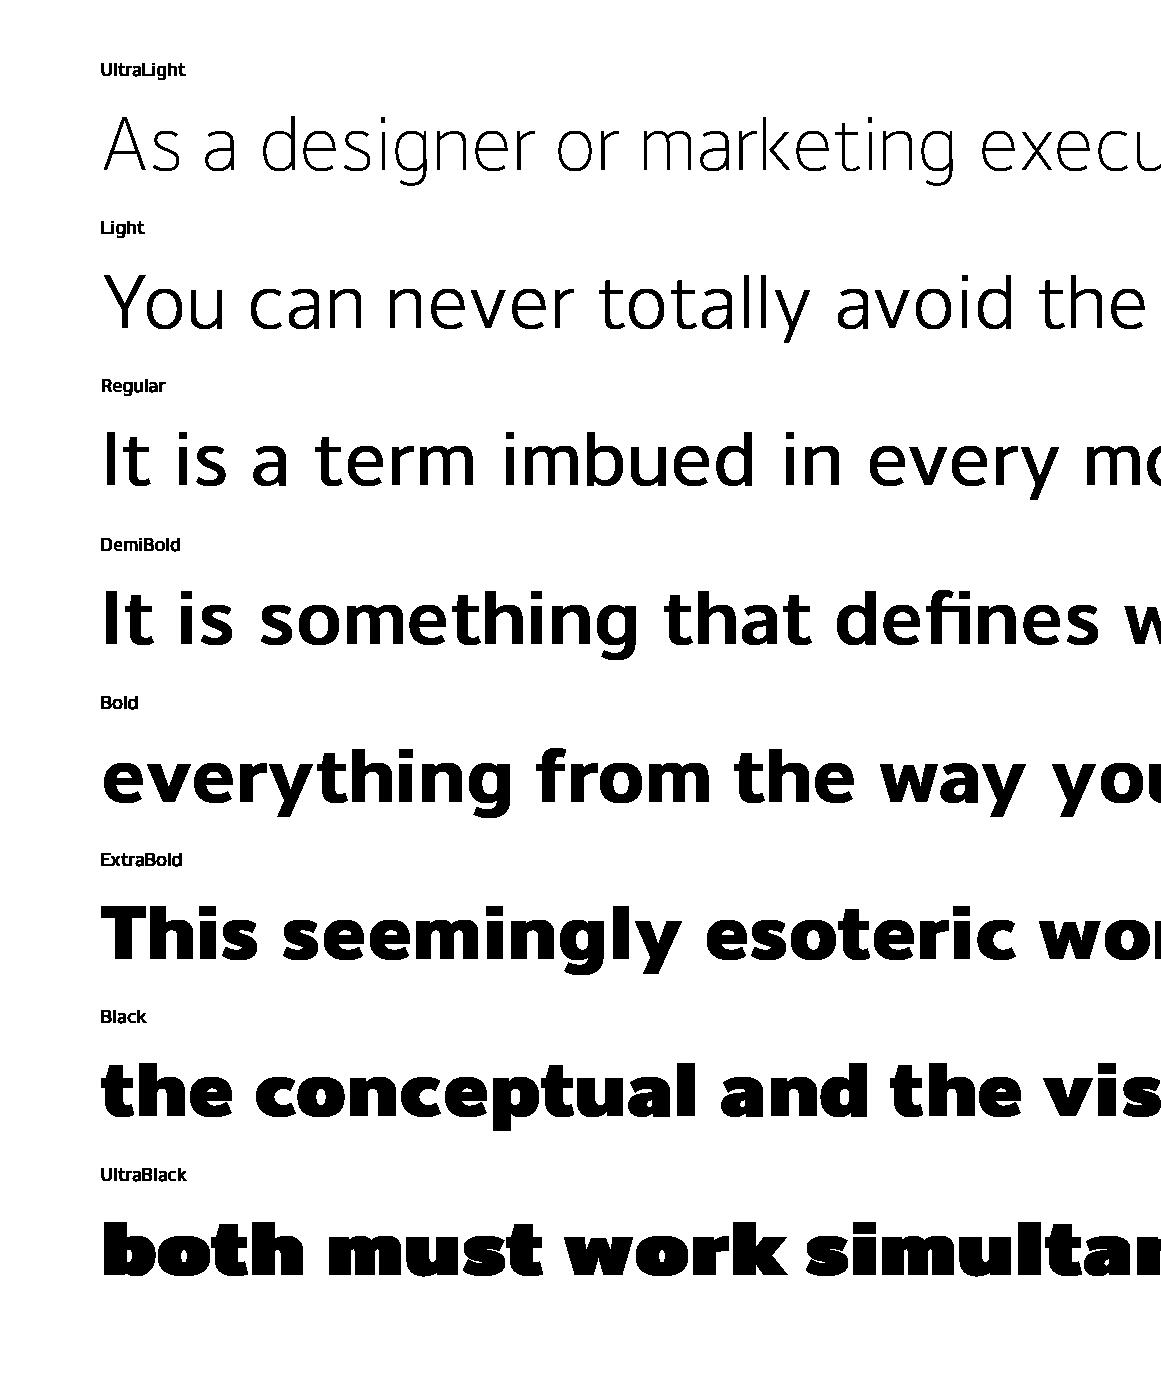 Anuyart